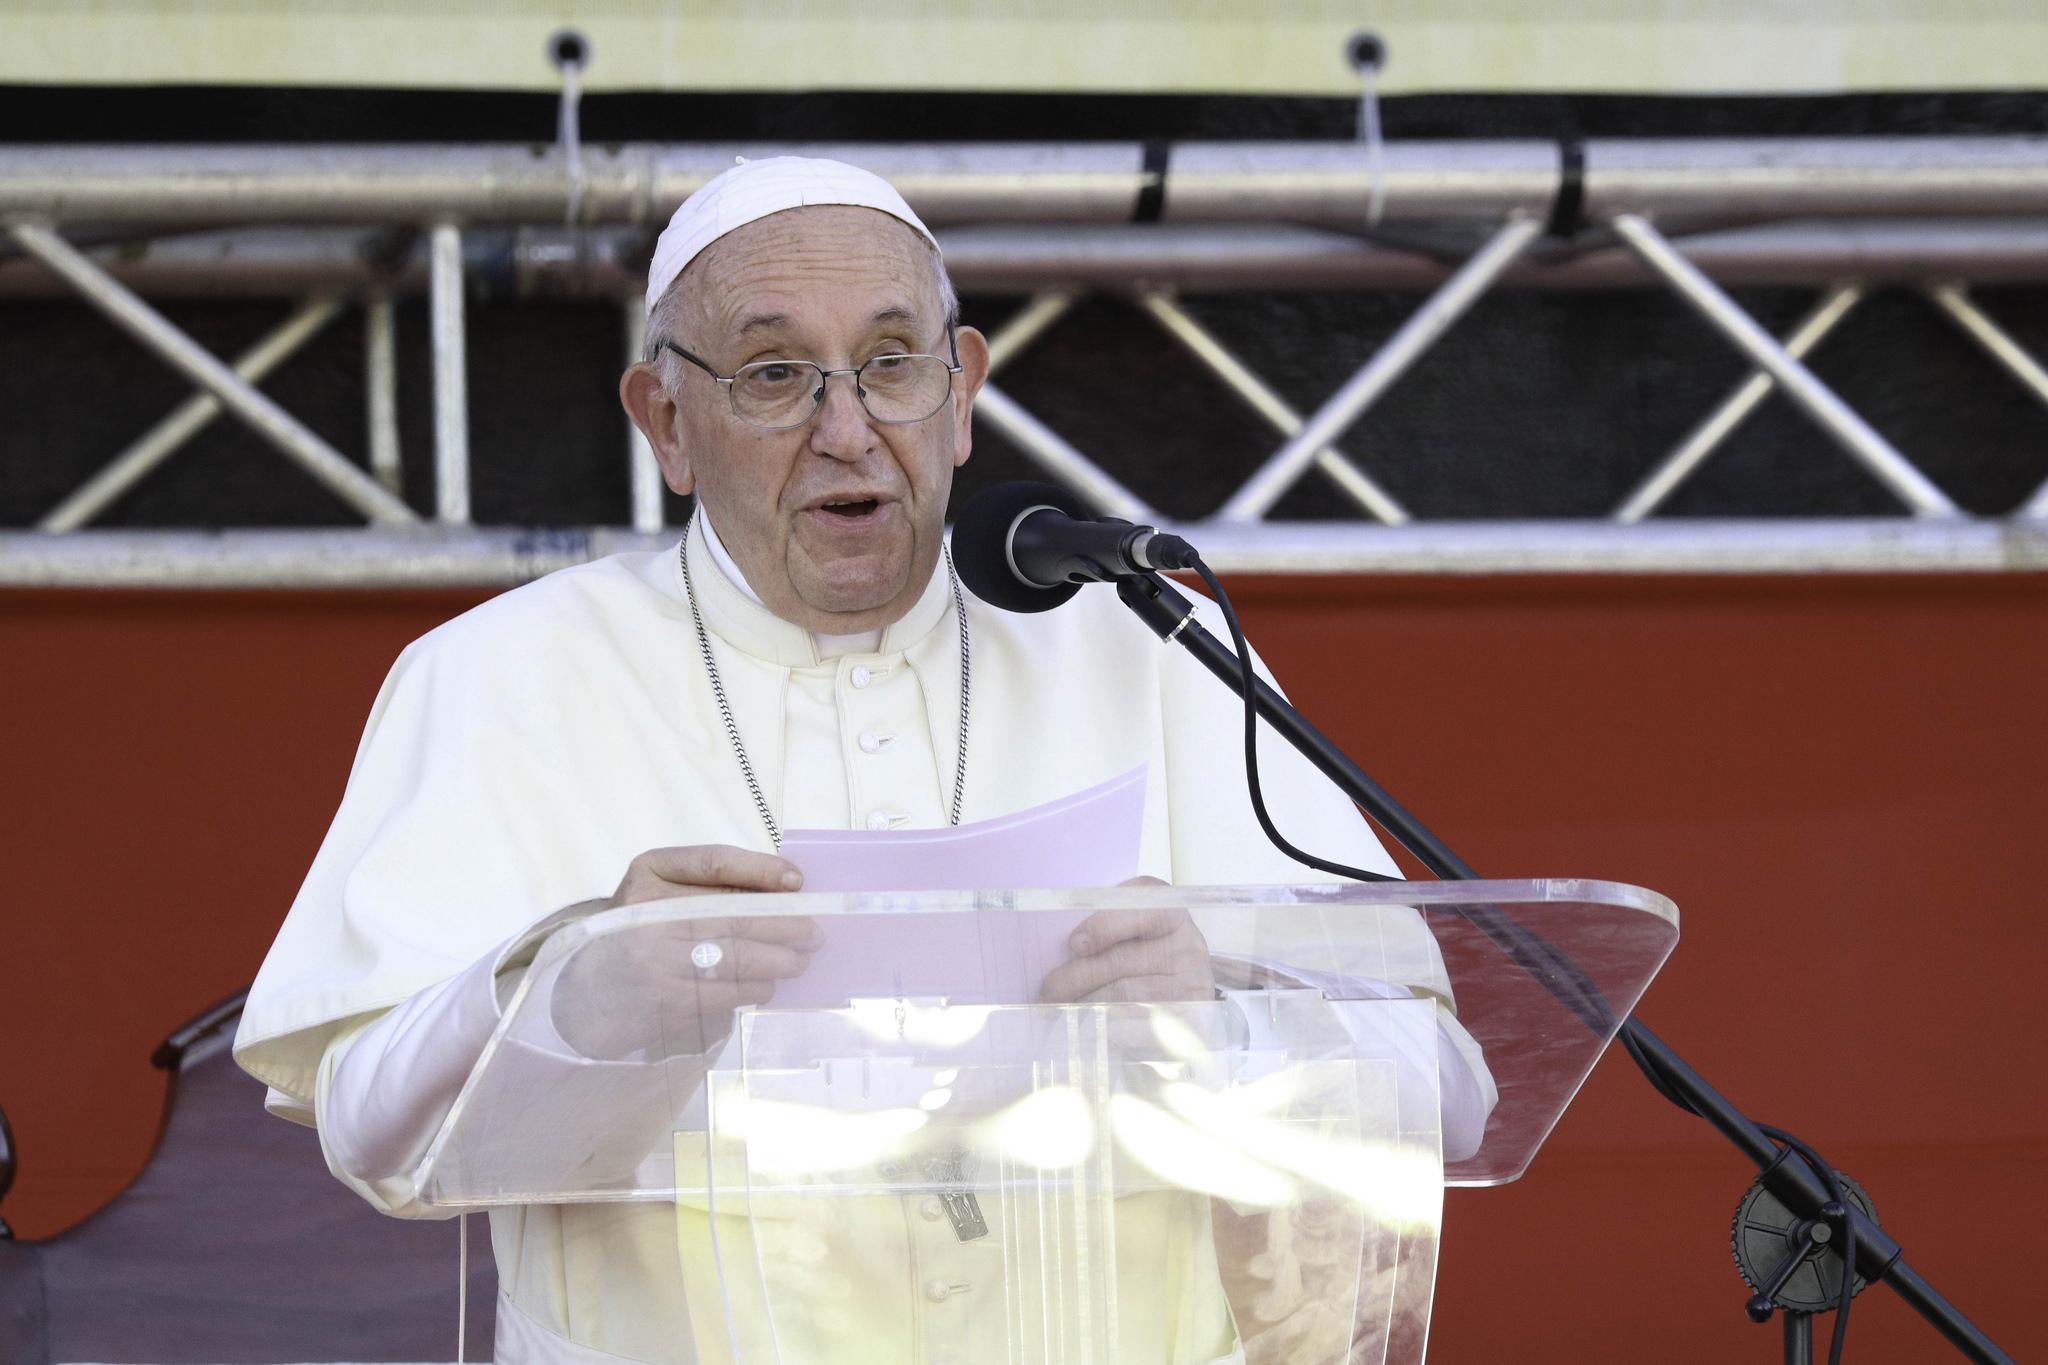 El Papa se encontró con los voluntarios de la JMJ el domingo, 27 de enero de 2019 © JMJ Panamá 2019